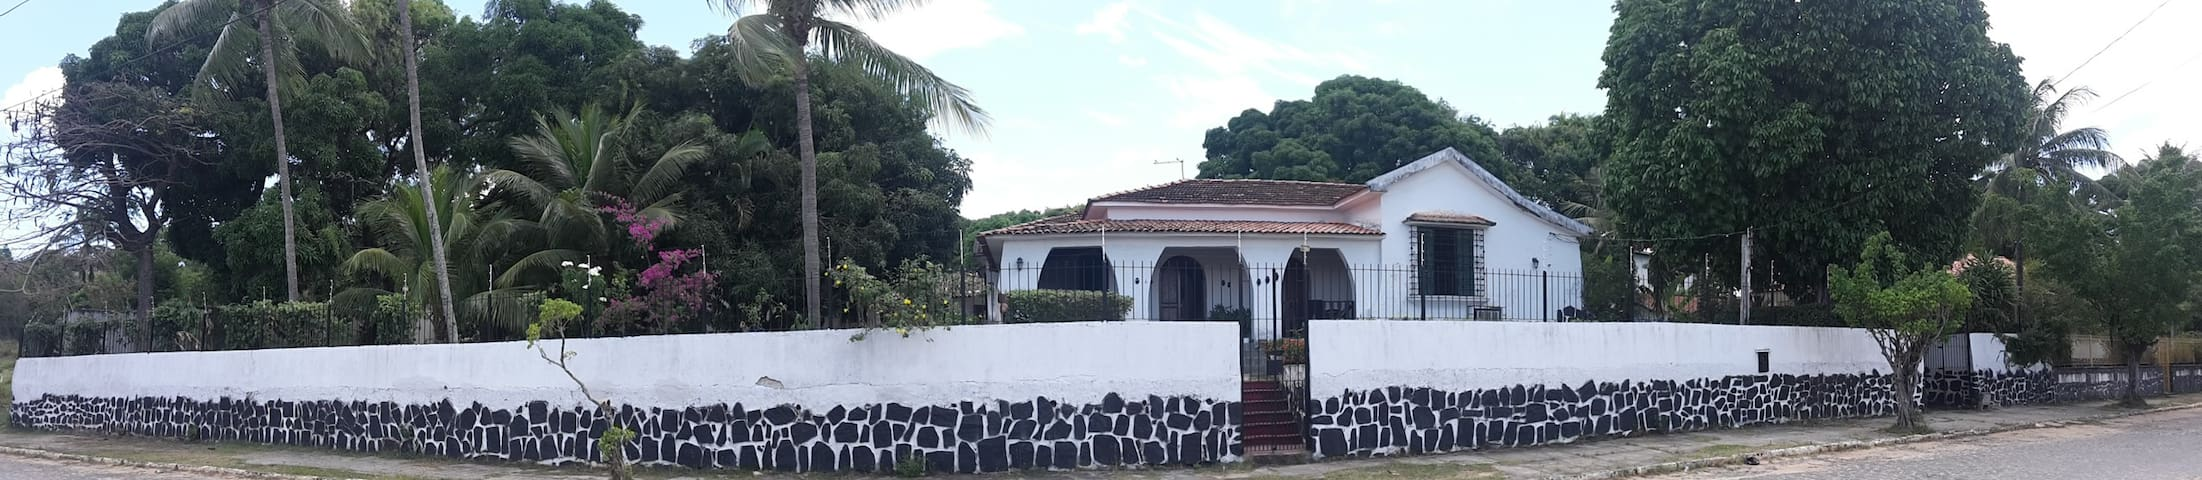 Amigos Casarão - Itaparica - House